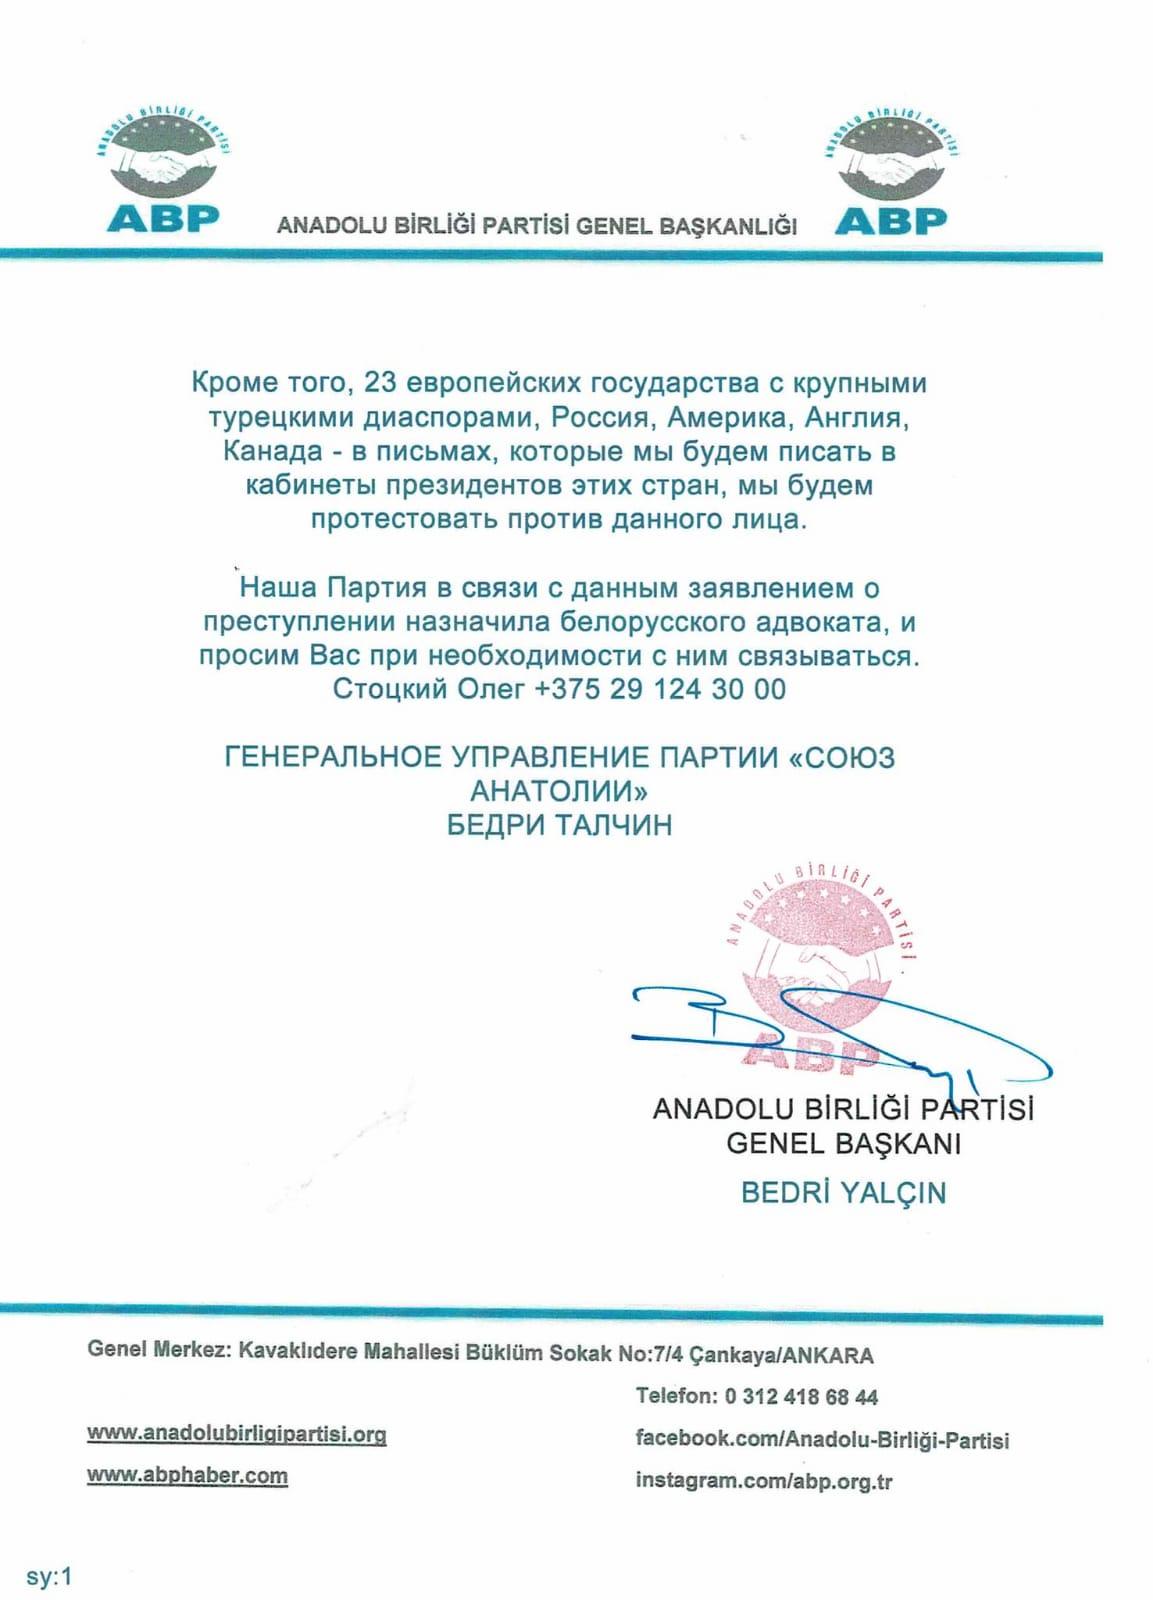 """Седат Игдеджи - Турецкая партия """"ABP"""" подало заявление в прокуратуру Беларуси на Валерия Цепкало"""